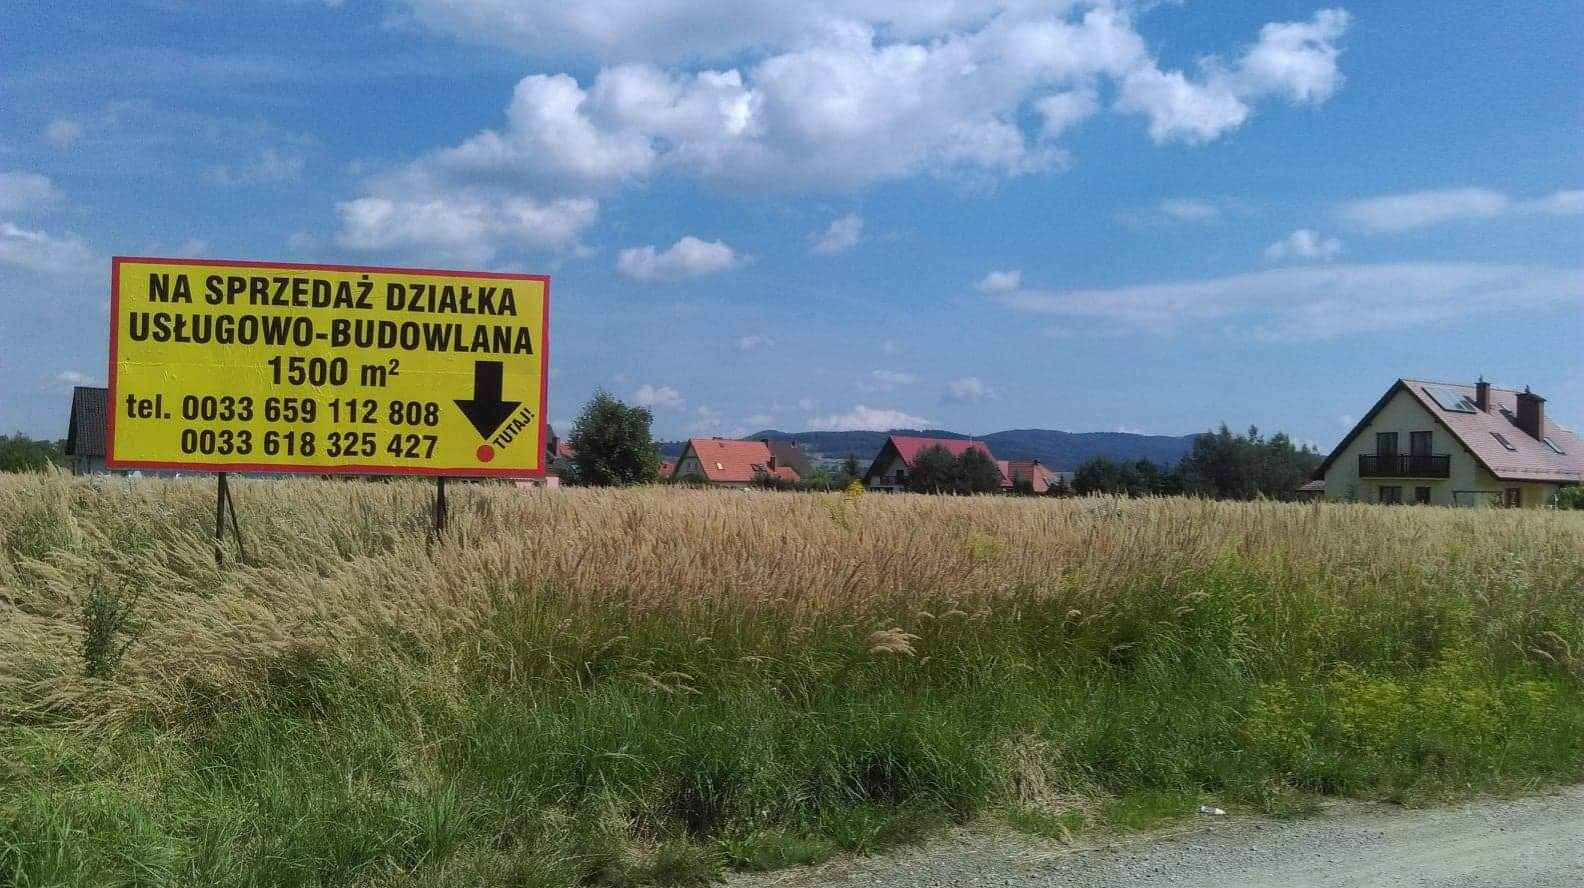 Działka budowlano-usługowa Jaszkowa Dolna - zdjęcie 1